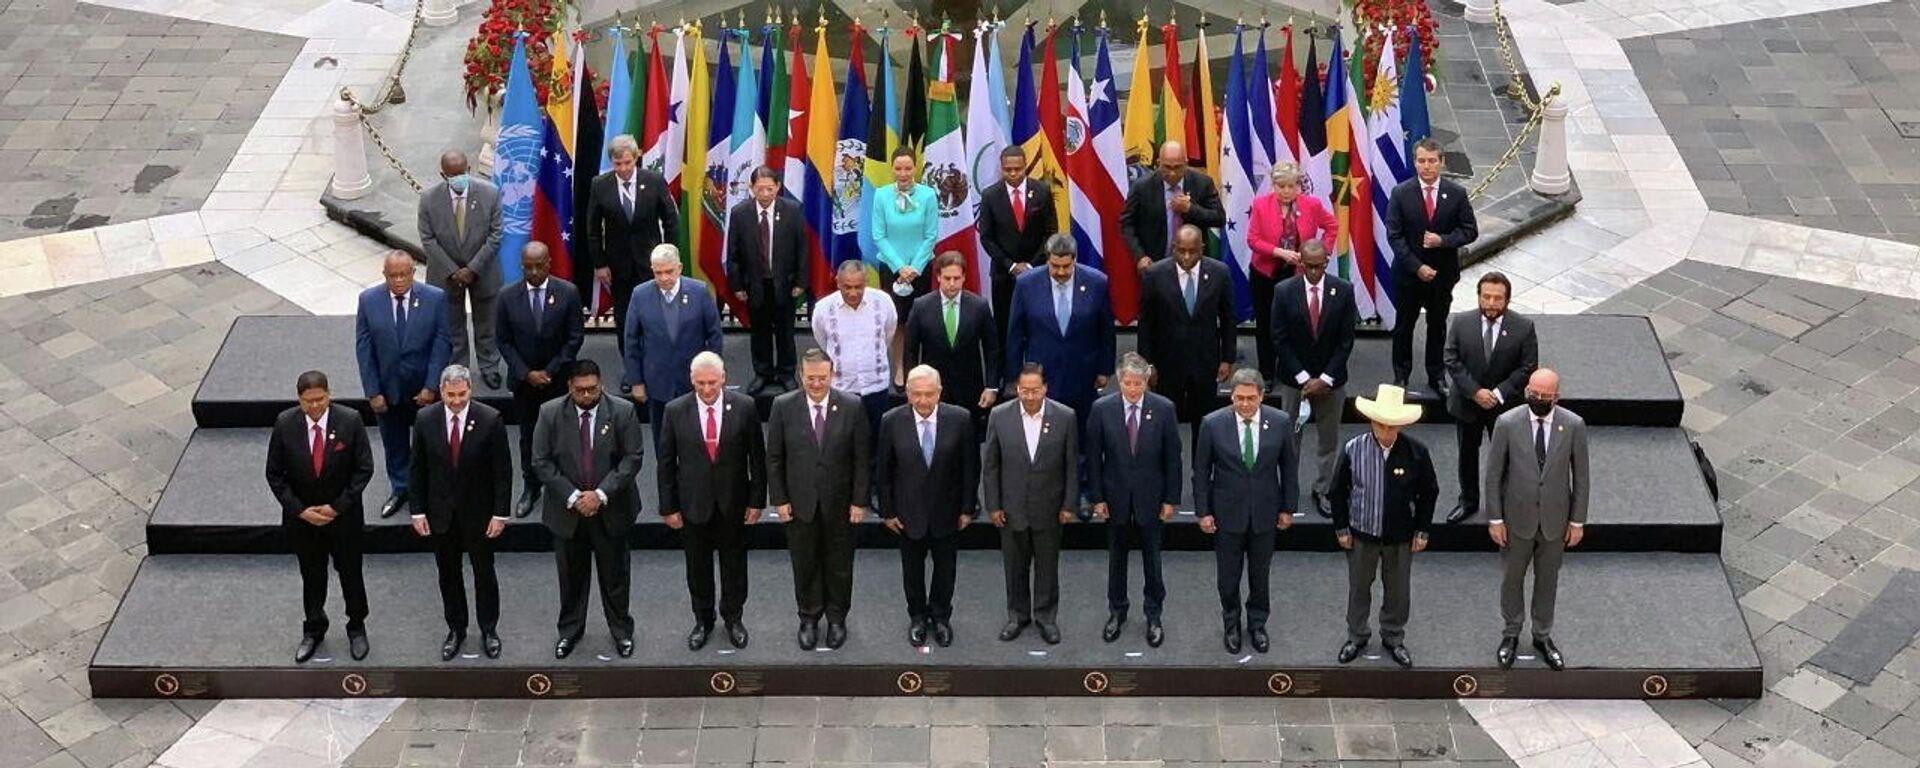 Foto de protocolo de los participantes en la Cumbre de la Comunidad de Estados Latinoamericanos y Caribeños (CELAC) en México, el 18 de septiembre del 2021 - Sputnik Mundo, 1920, 23.09.2021